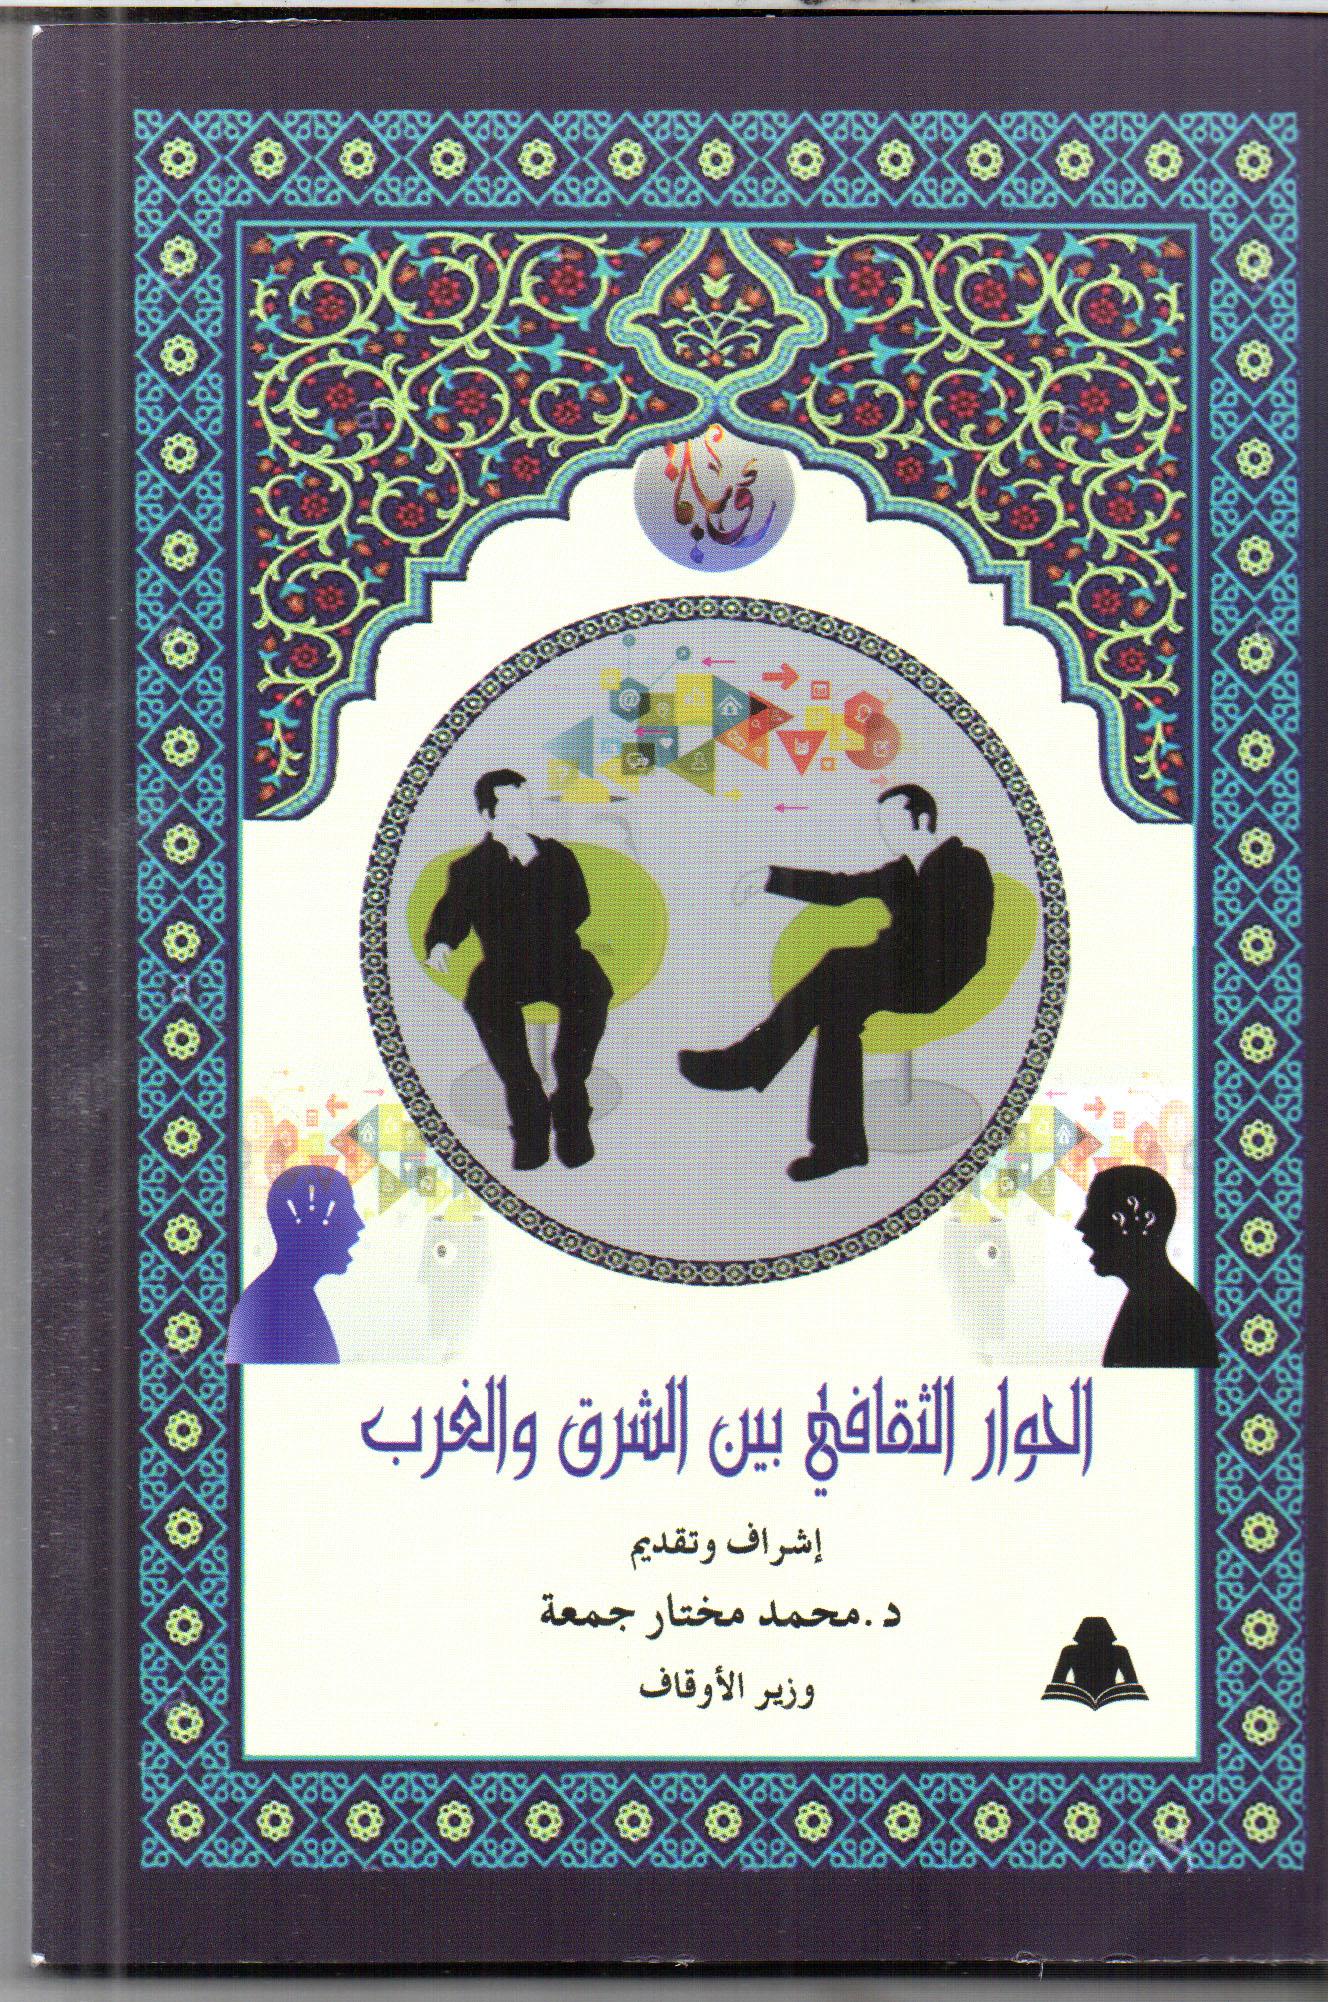 تحميل كتاب مفاهيم يجب أن تصحح وزارة الأوقاف pdf